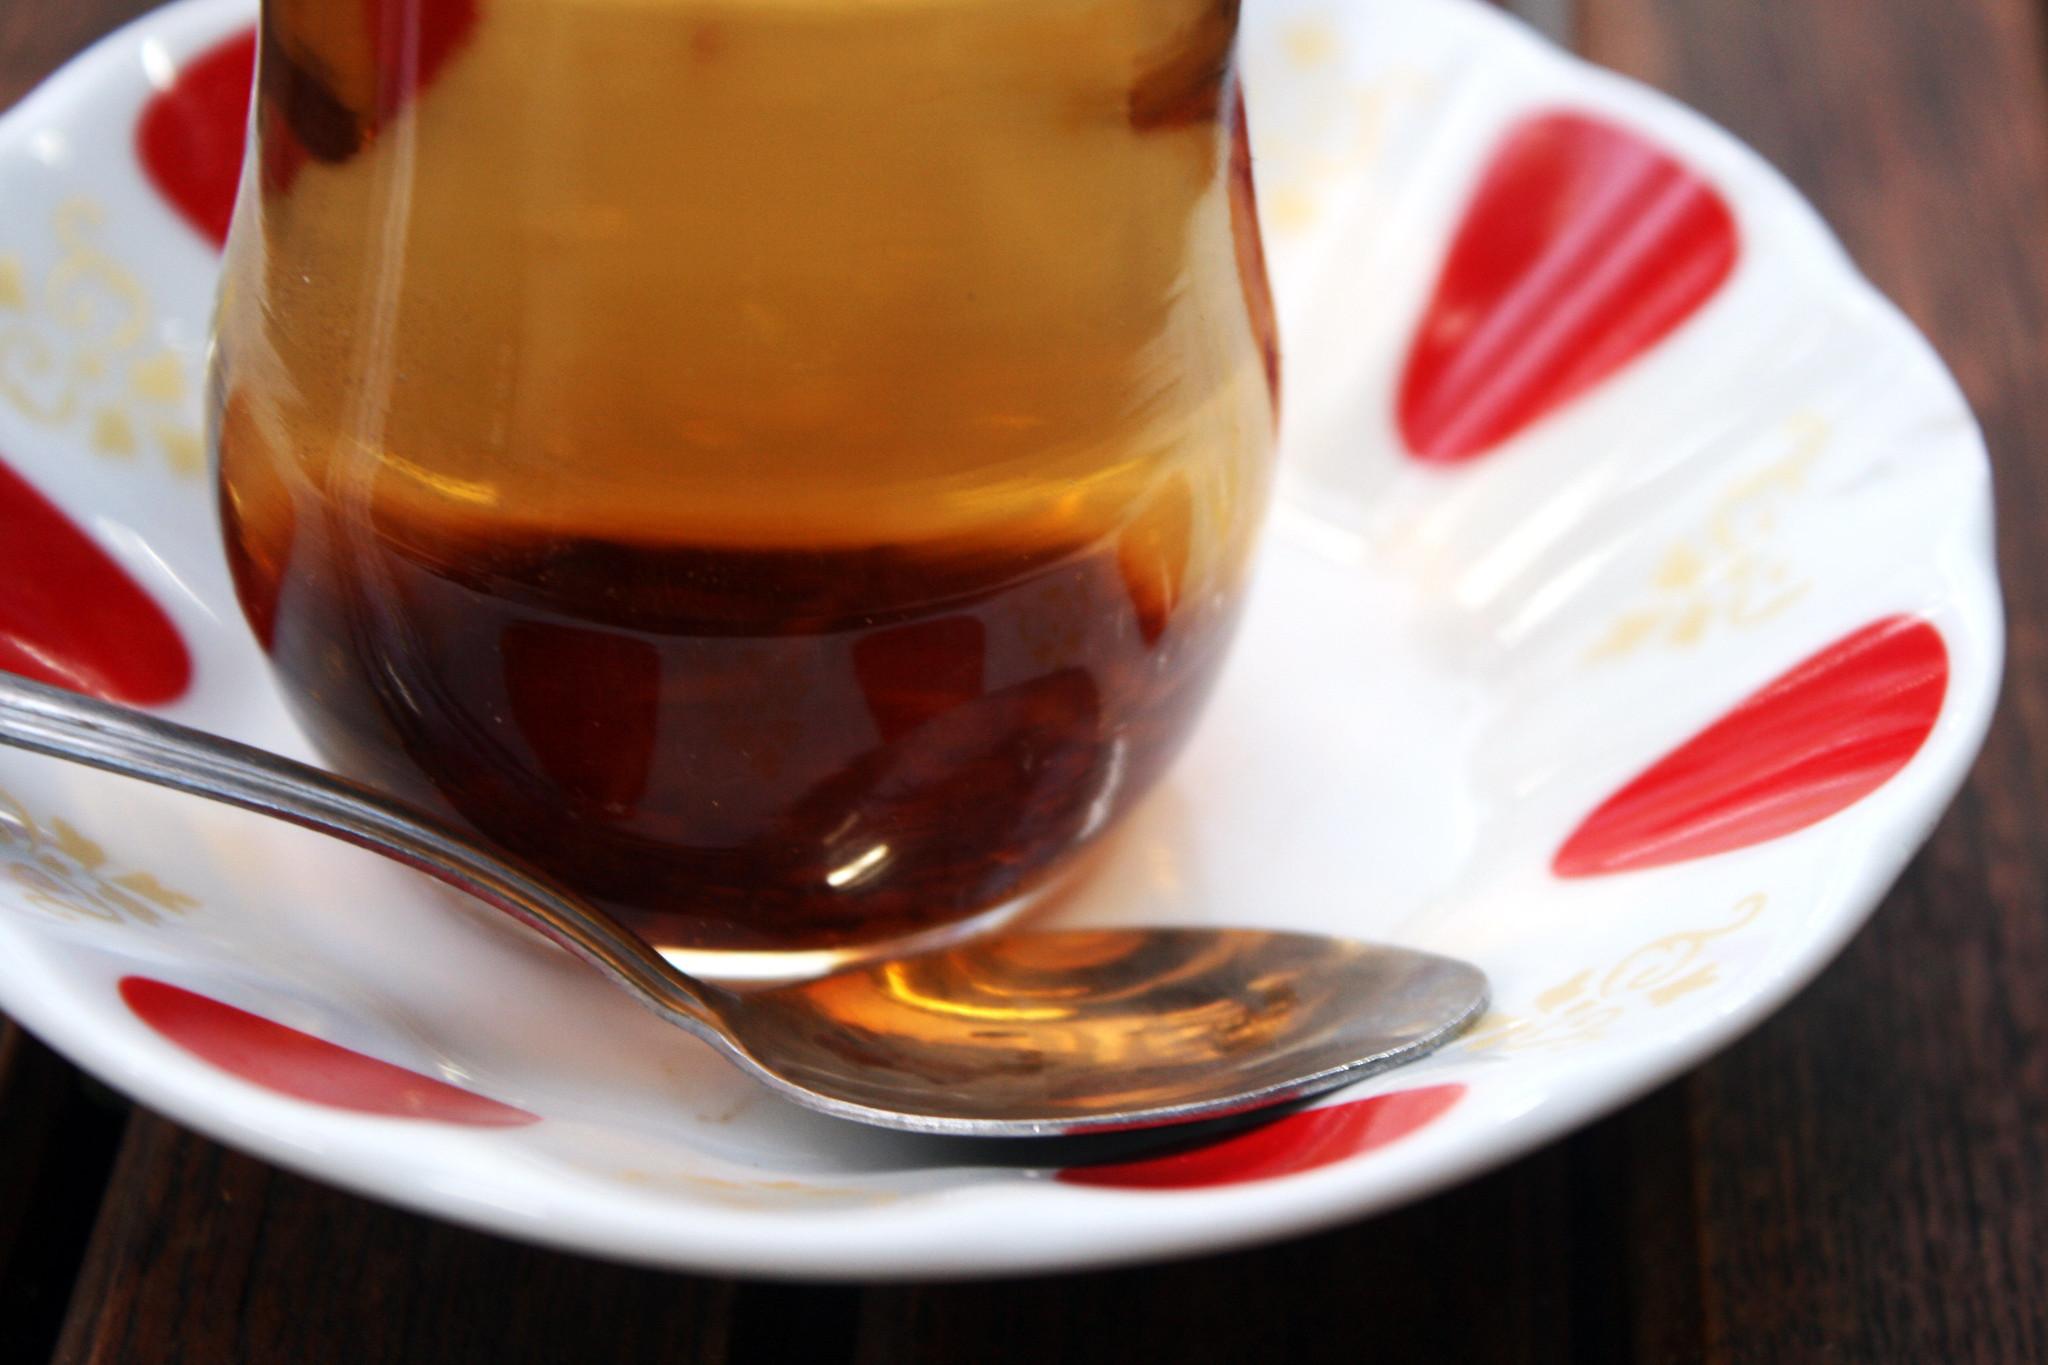 drinking turkish apple tea image, drinking turkish apple tea photo, drinking turkihs apple tea picture